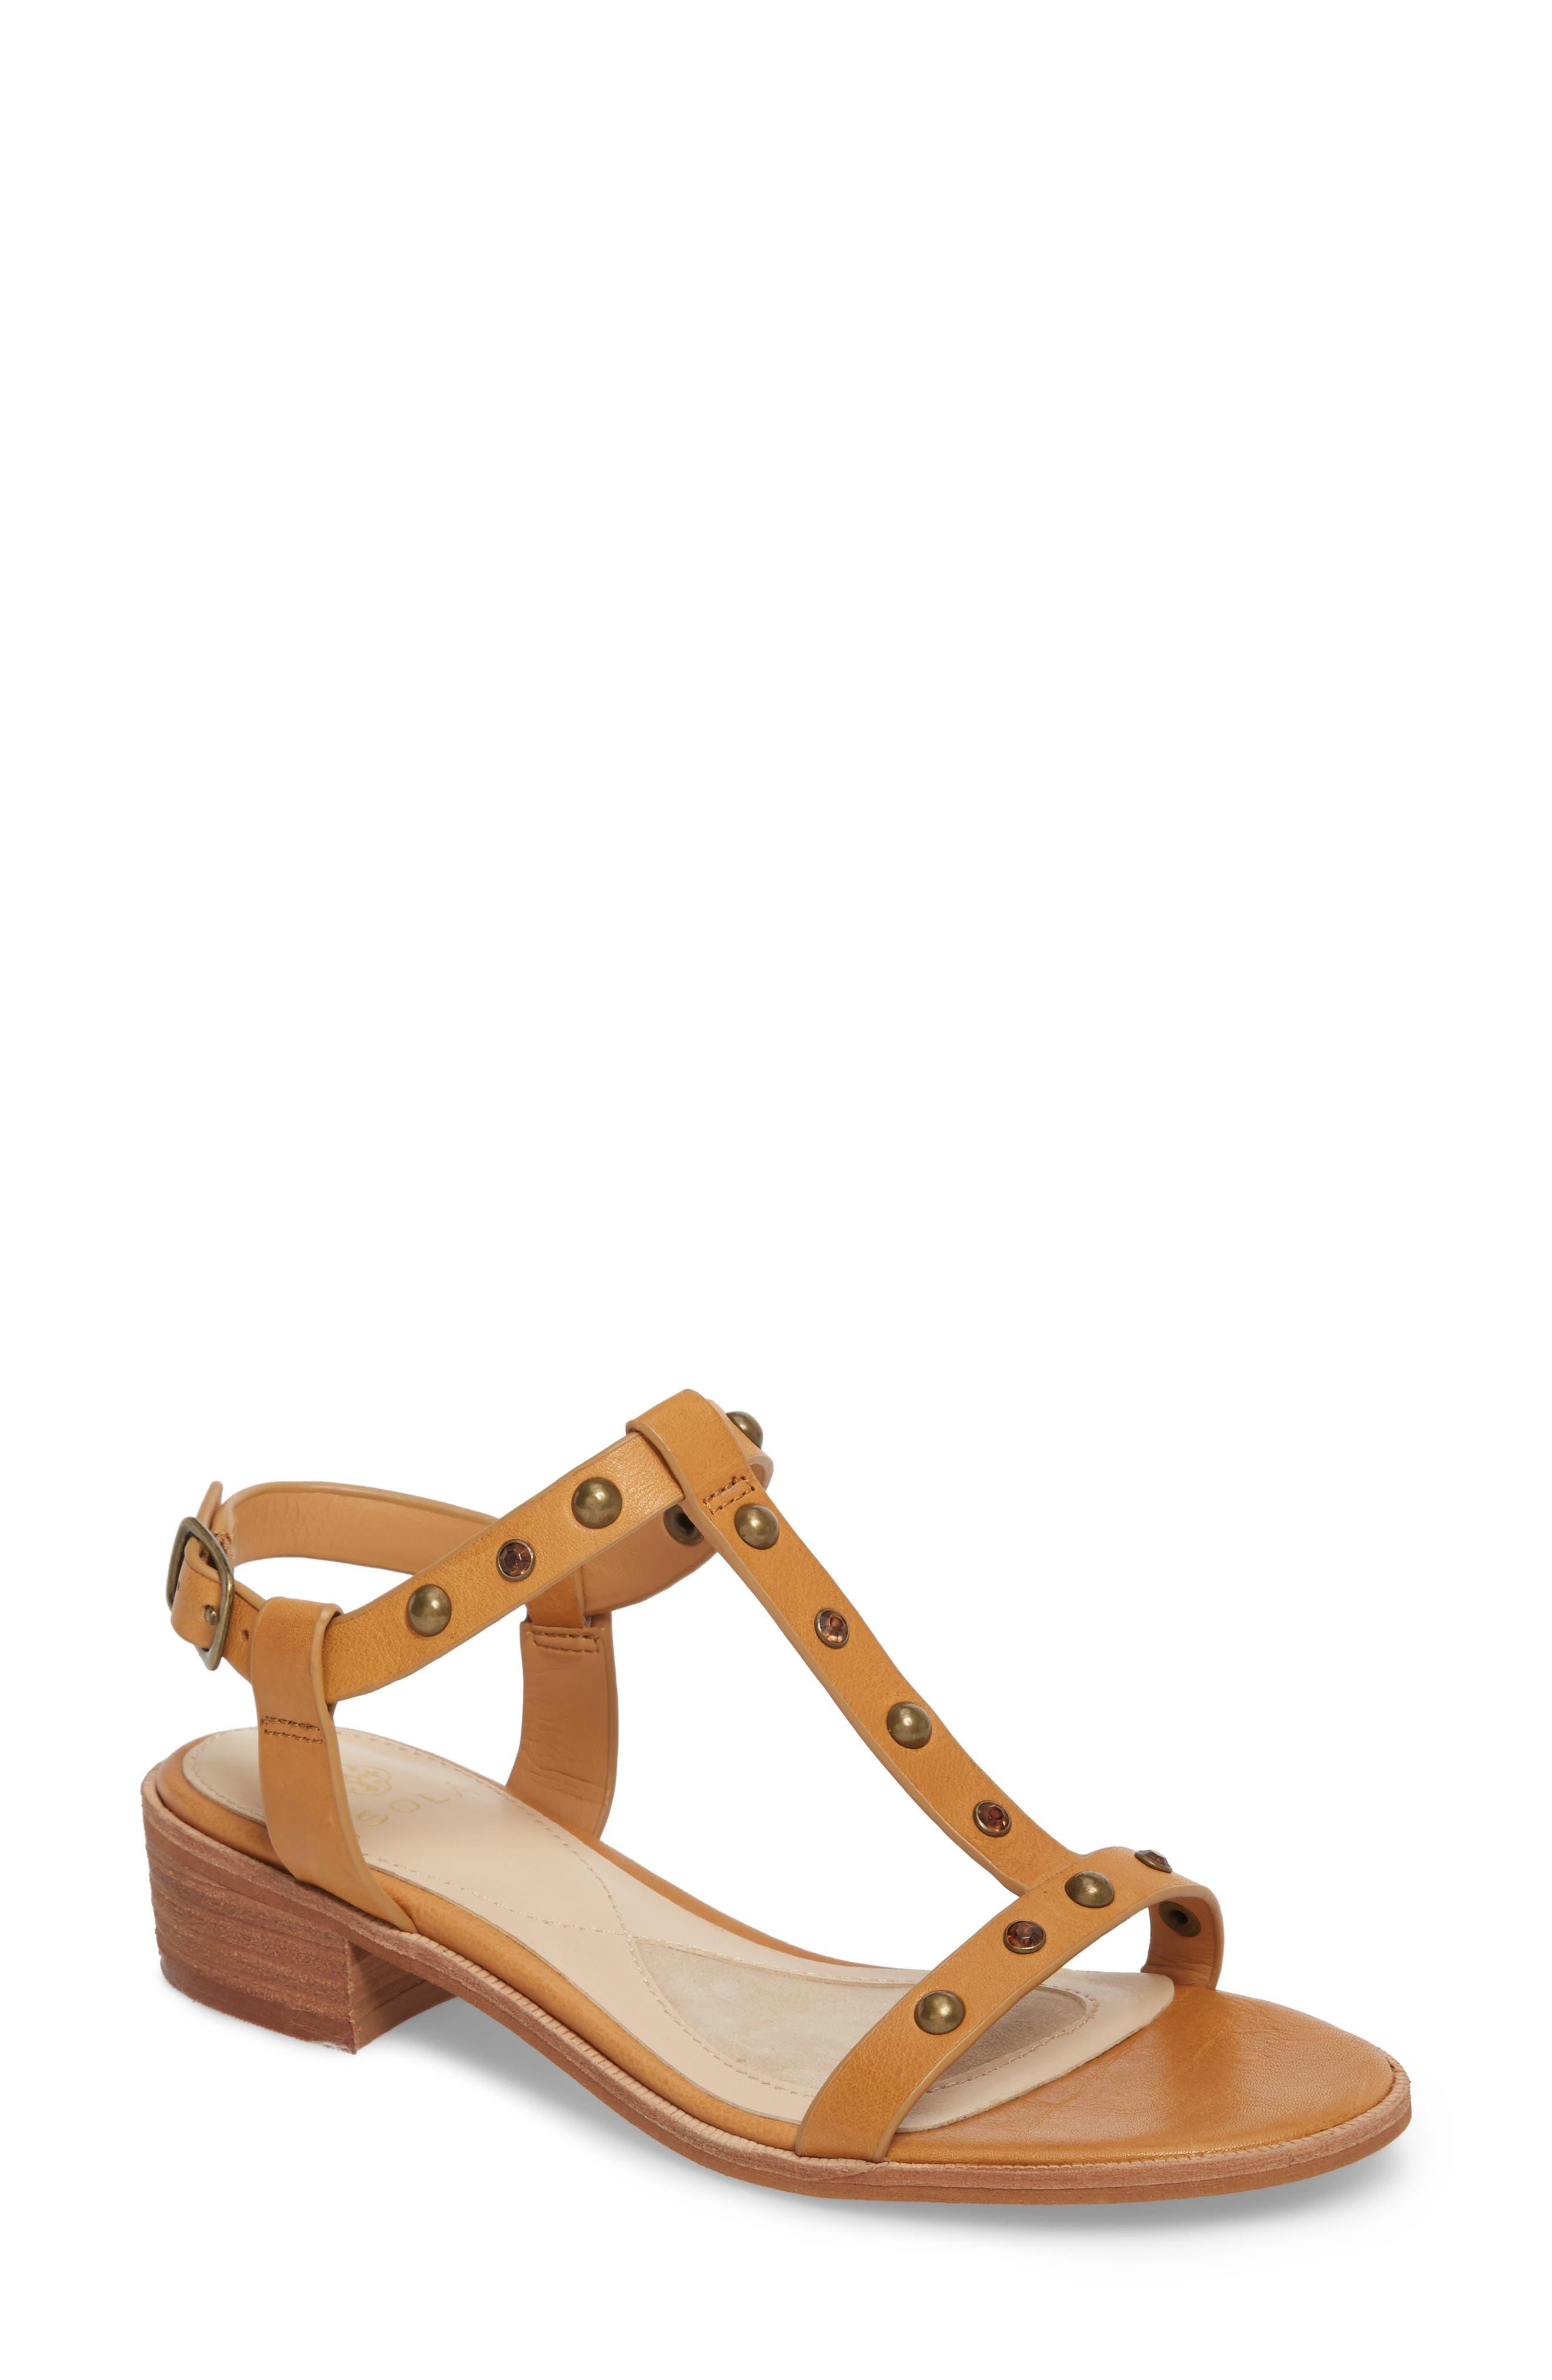 Alternate Image 1 Selected - Isolá Giana Studded Sandal (Women)